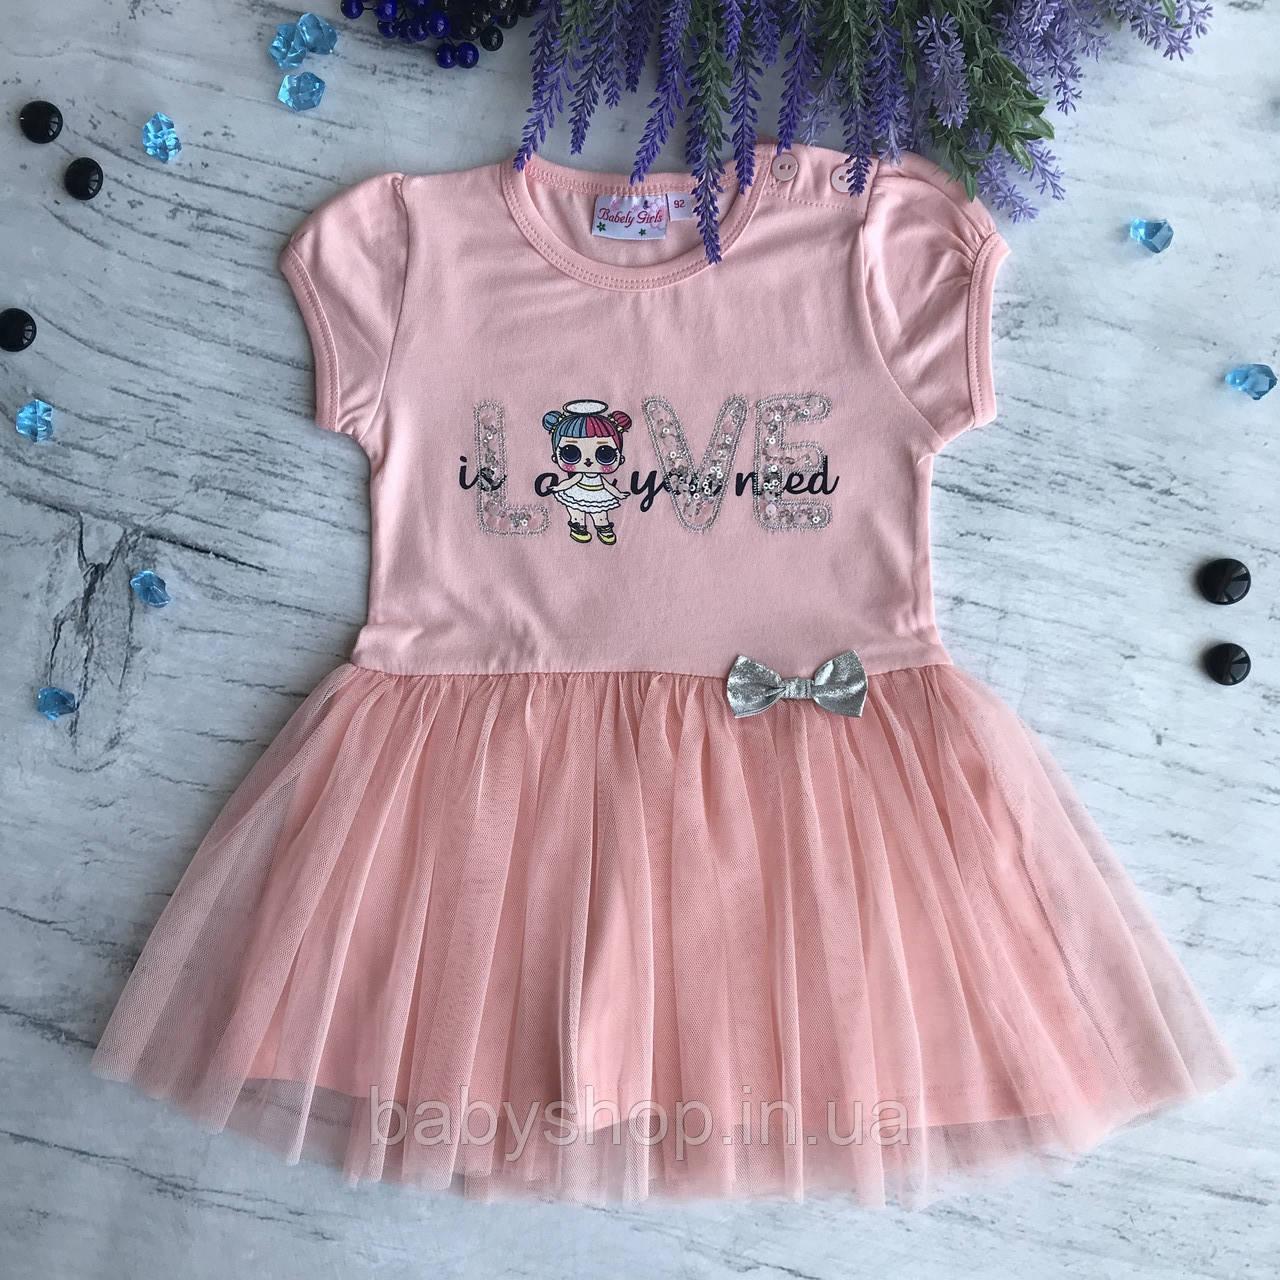 Платье Breeze Лол 28. Размеры 92, 98, 104, 110, 116 см